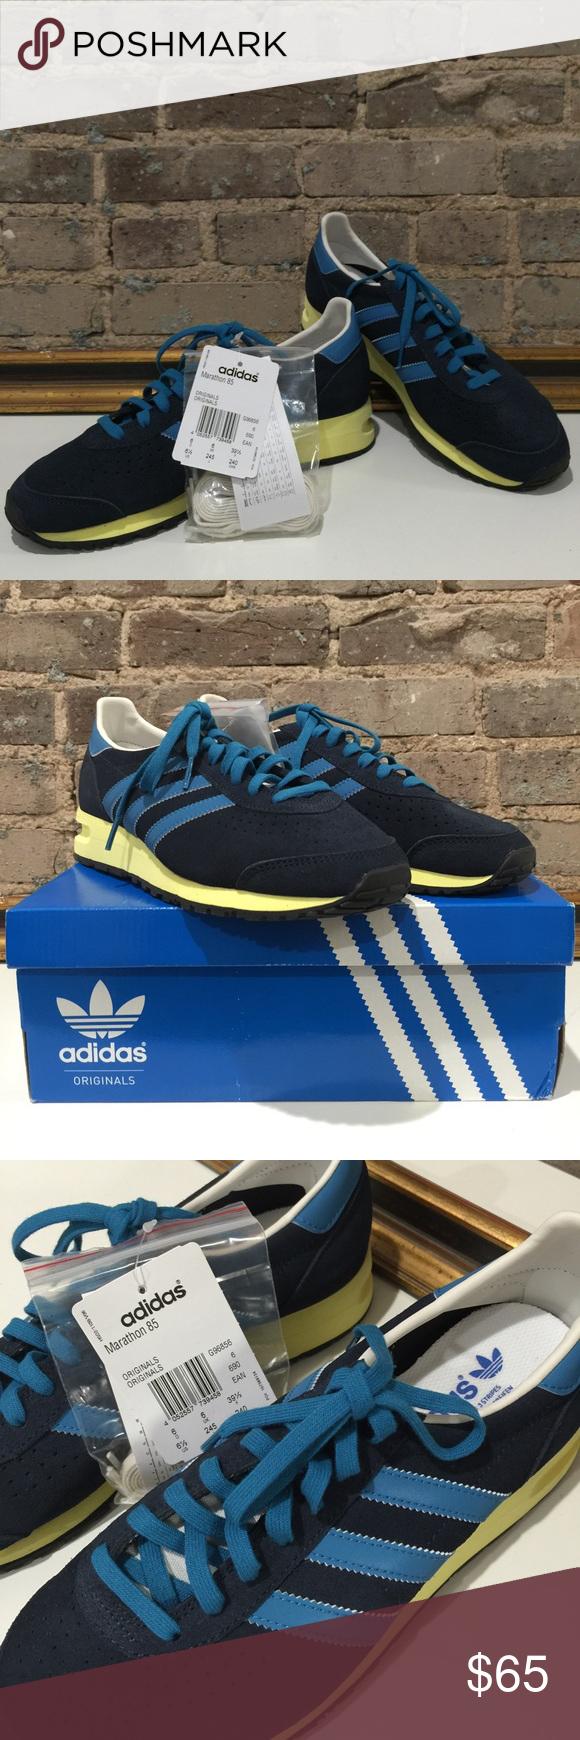 vendendo adidas sneakers, maratona 85 poshmark!il mio nome utente